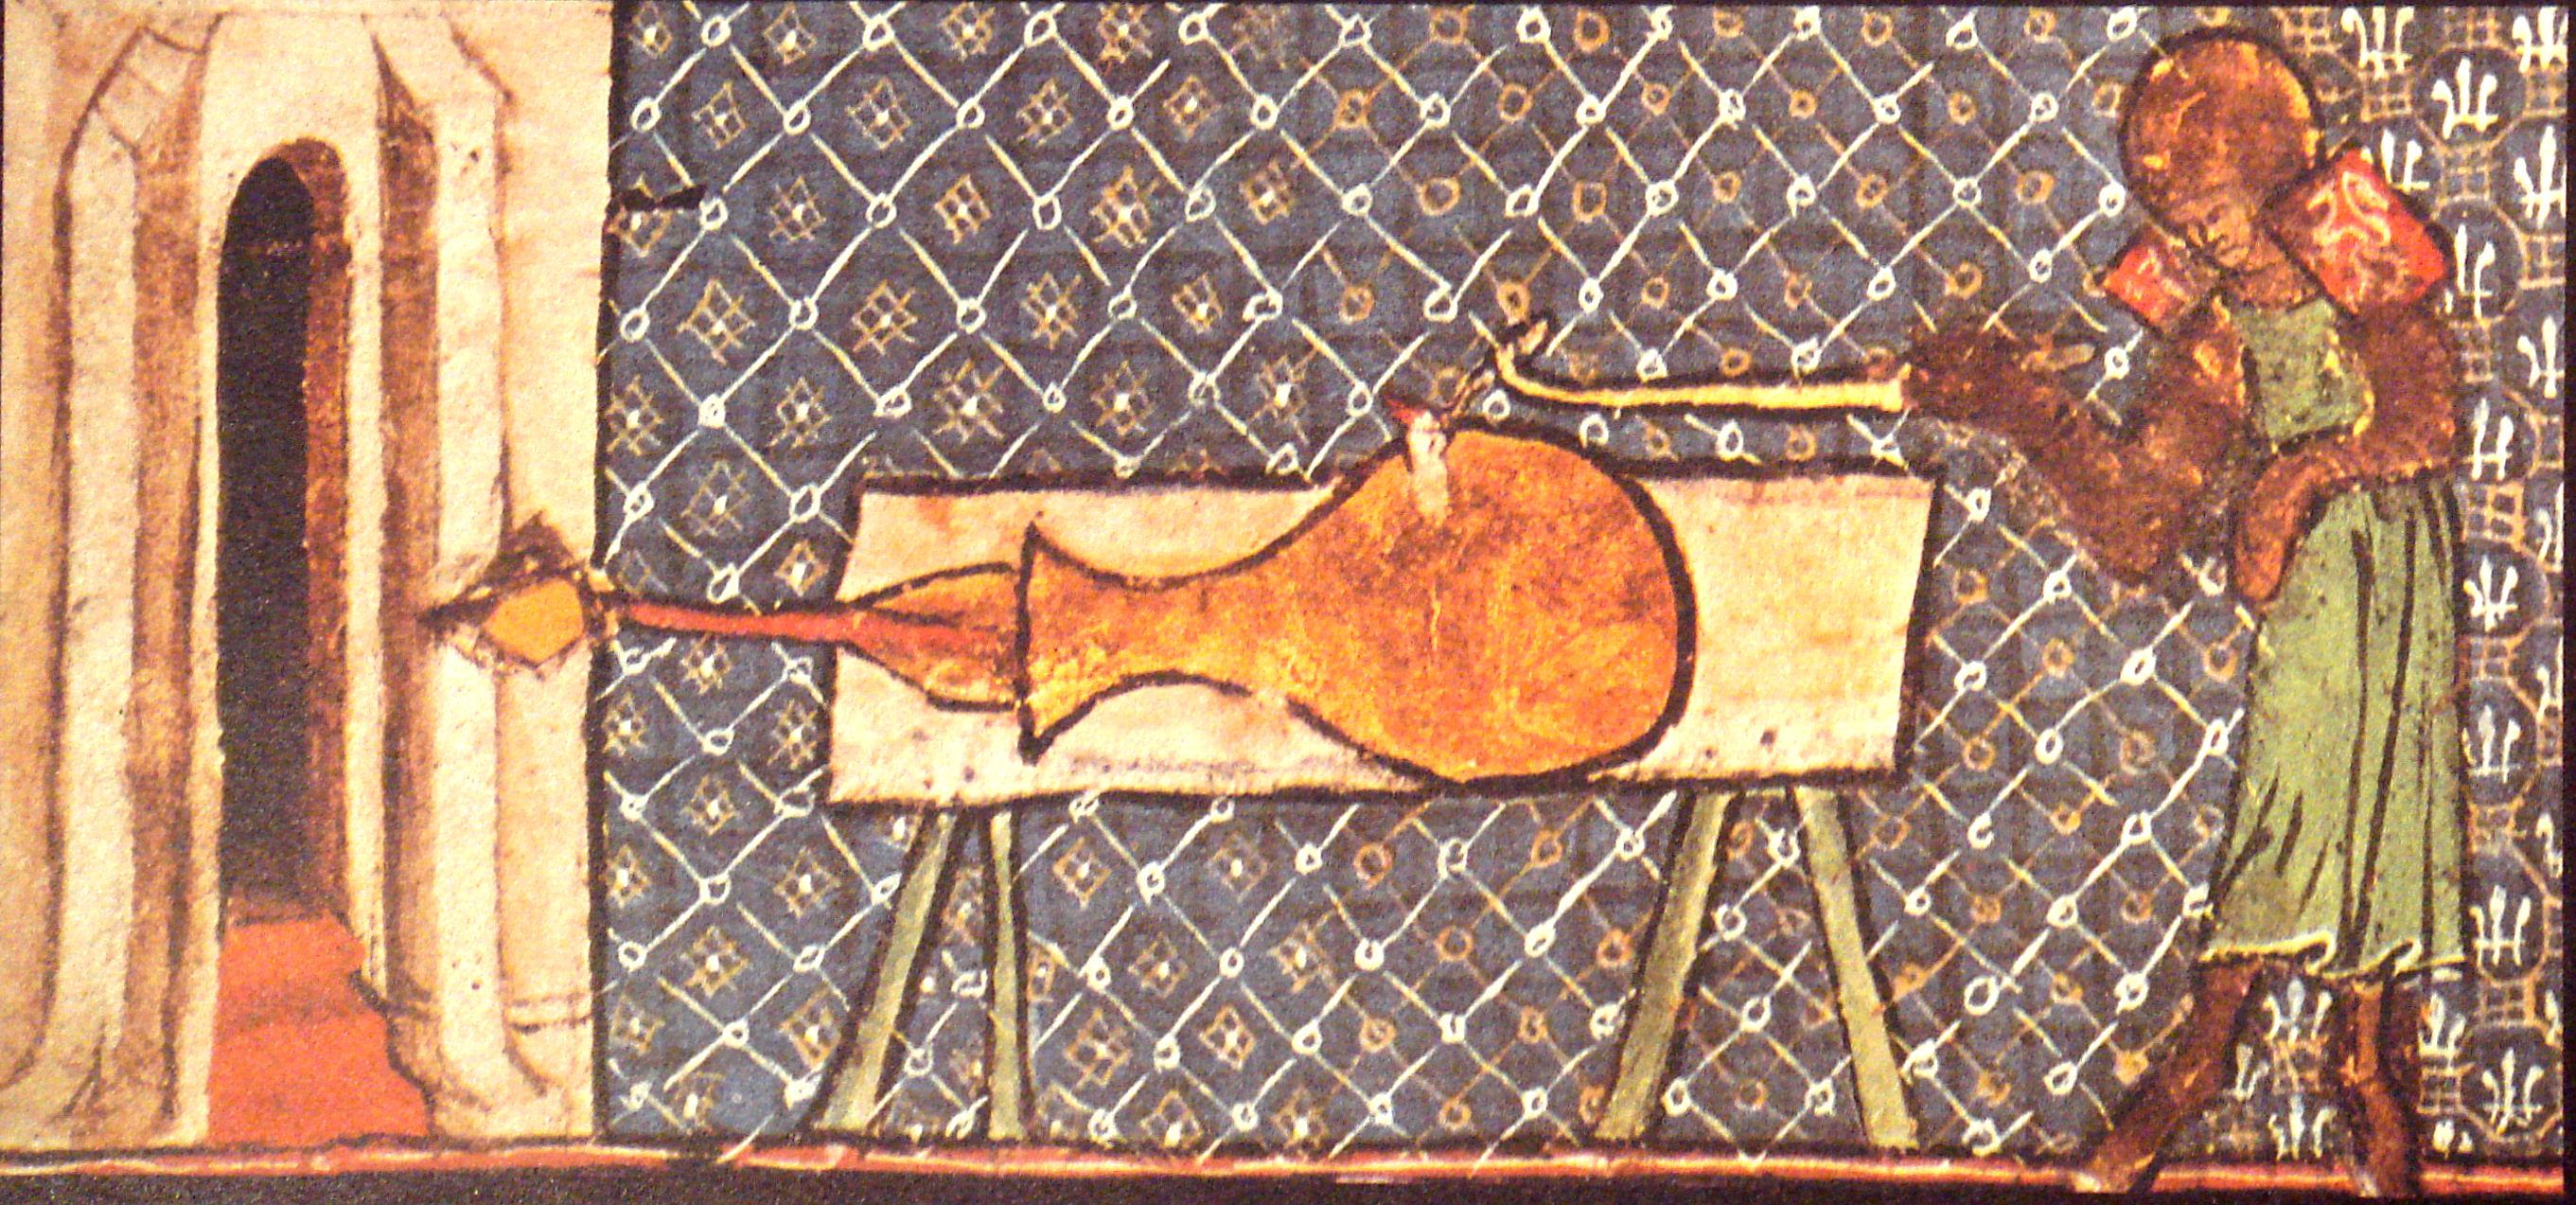 Early cannon (1326). De Nobilitatibus Sapientii Et Prudentiis Regum Manuscript. Walter de Milemete. Wikipedia.